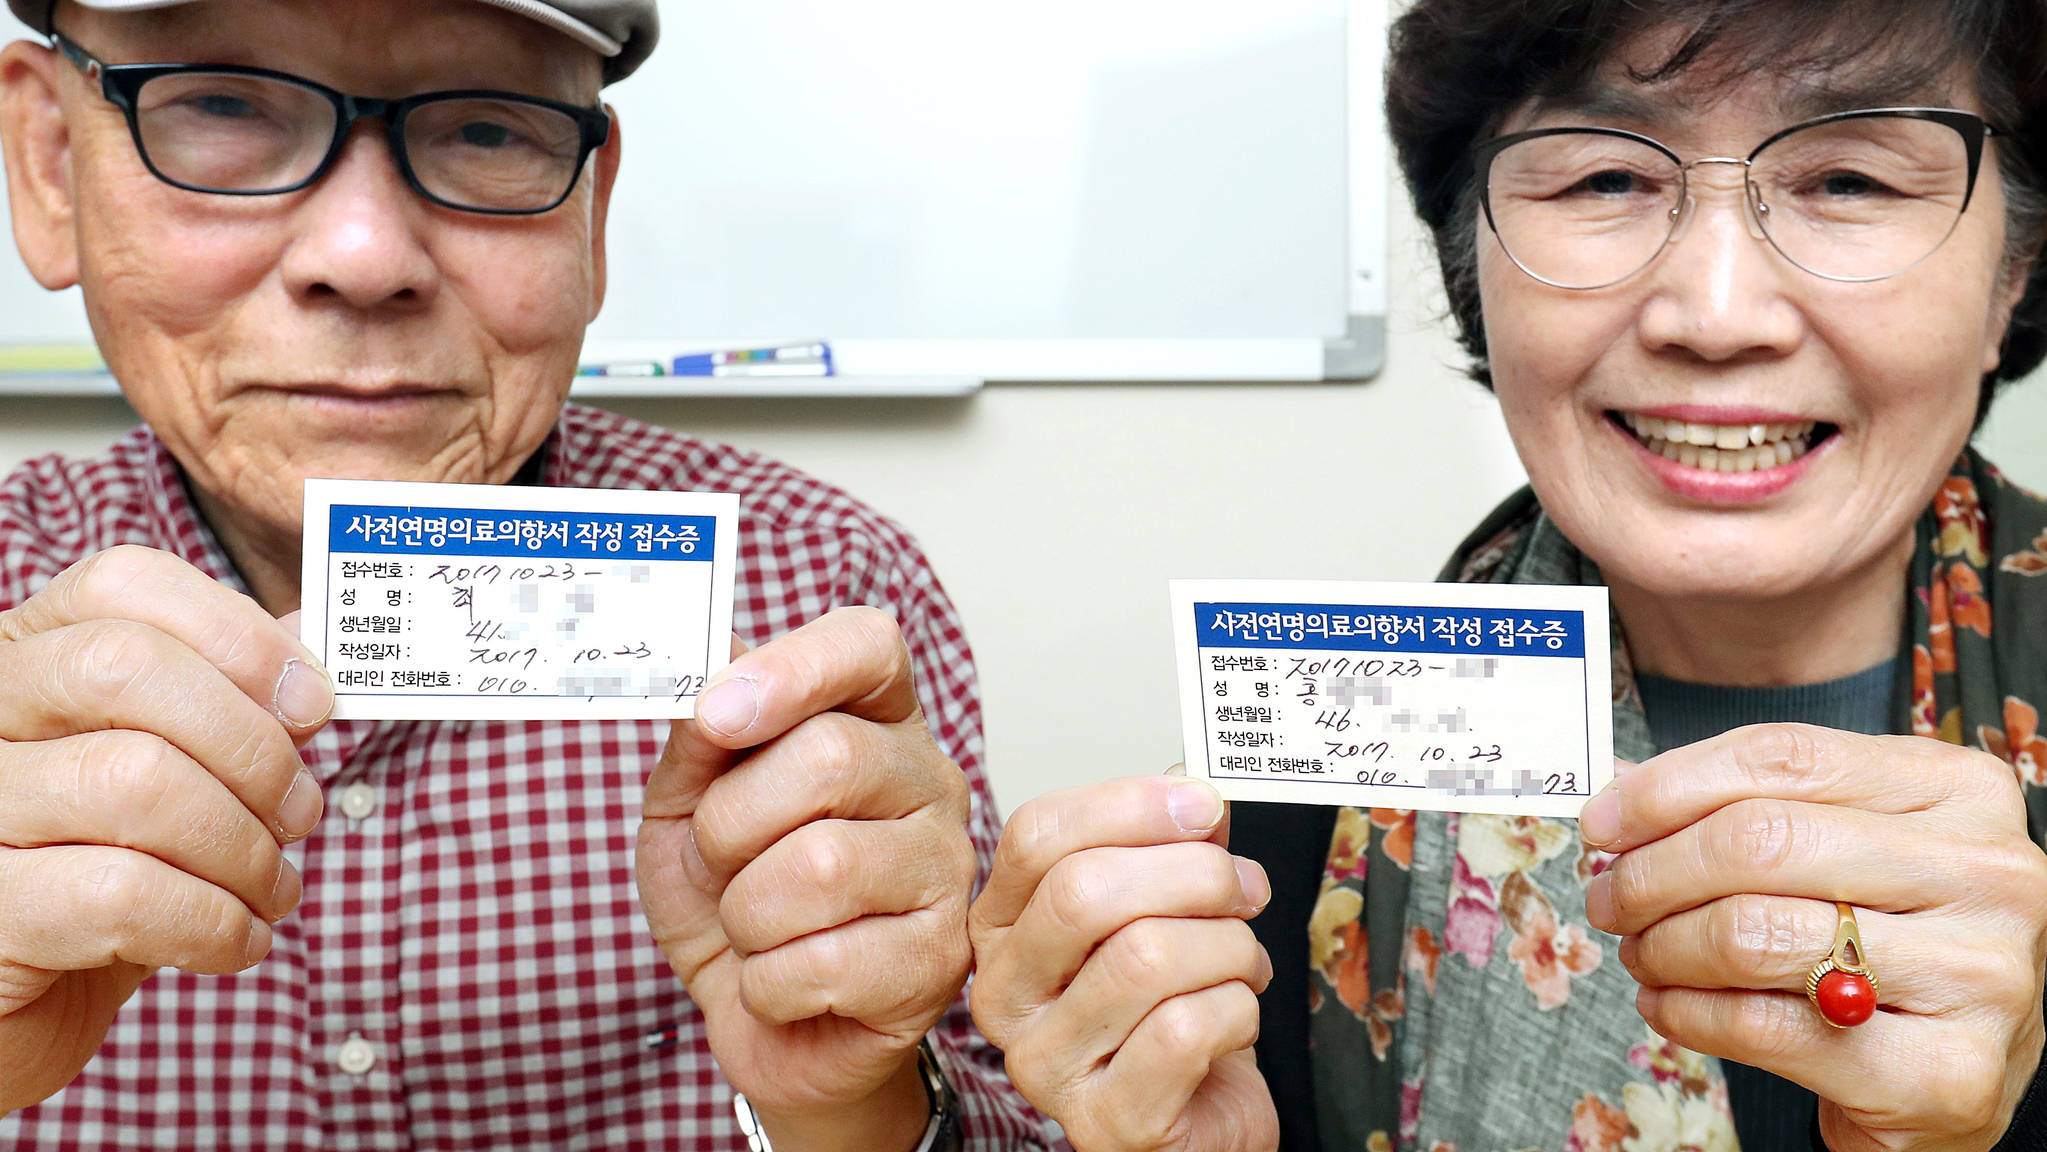 지난해 10월 연명의료결정법 시범사업 때 서울 중구국립중앙의료원에서 한 부부가 사전연명의료의향서를 작성해서 등록한 뒤 접수증을 확인하고 잇다.[중앙포토]